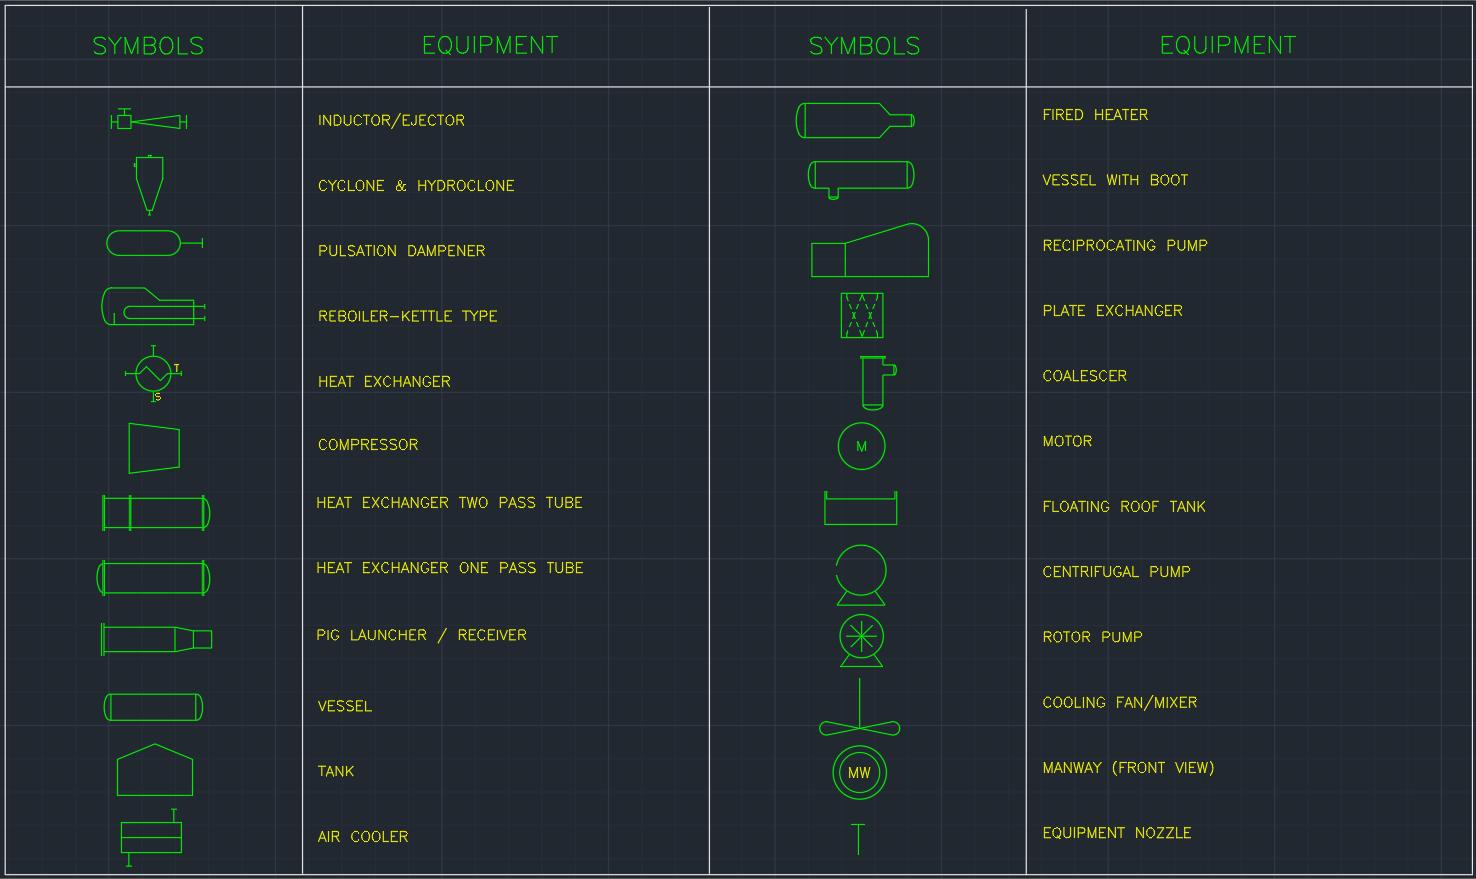 Process Equipment Symbols | | AutoCAD Free CAD Block